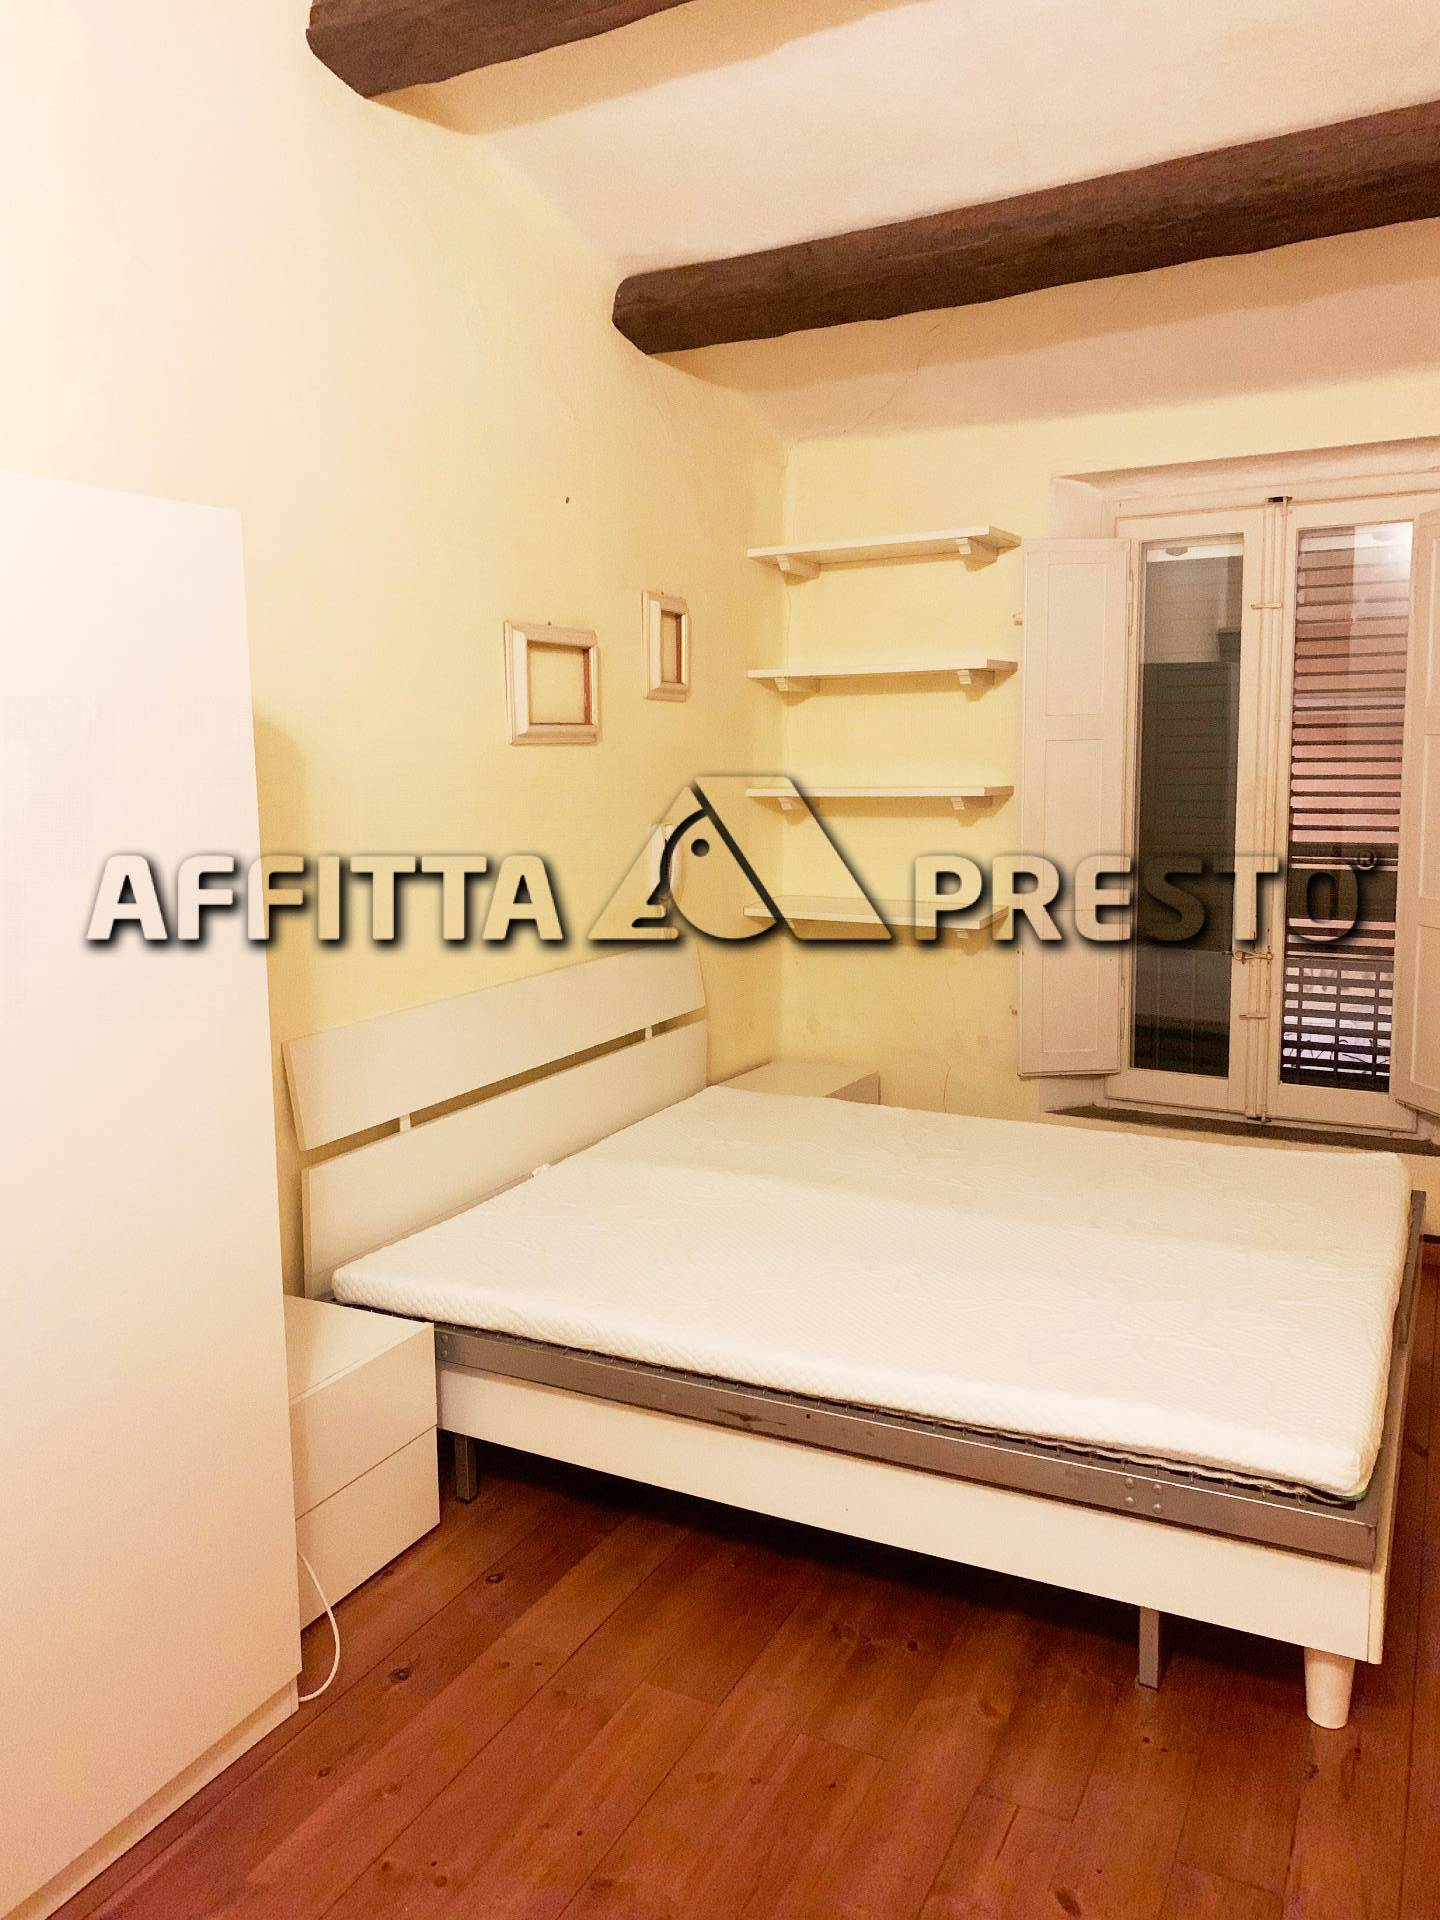 Villa Unifamiliare - Indipendente, 46 Mq, Affitto - Ravenna (RA)